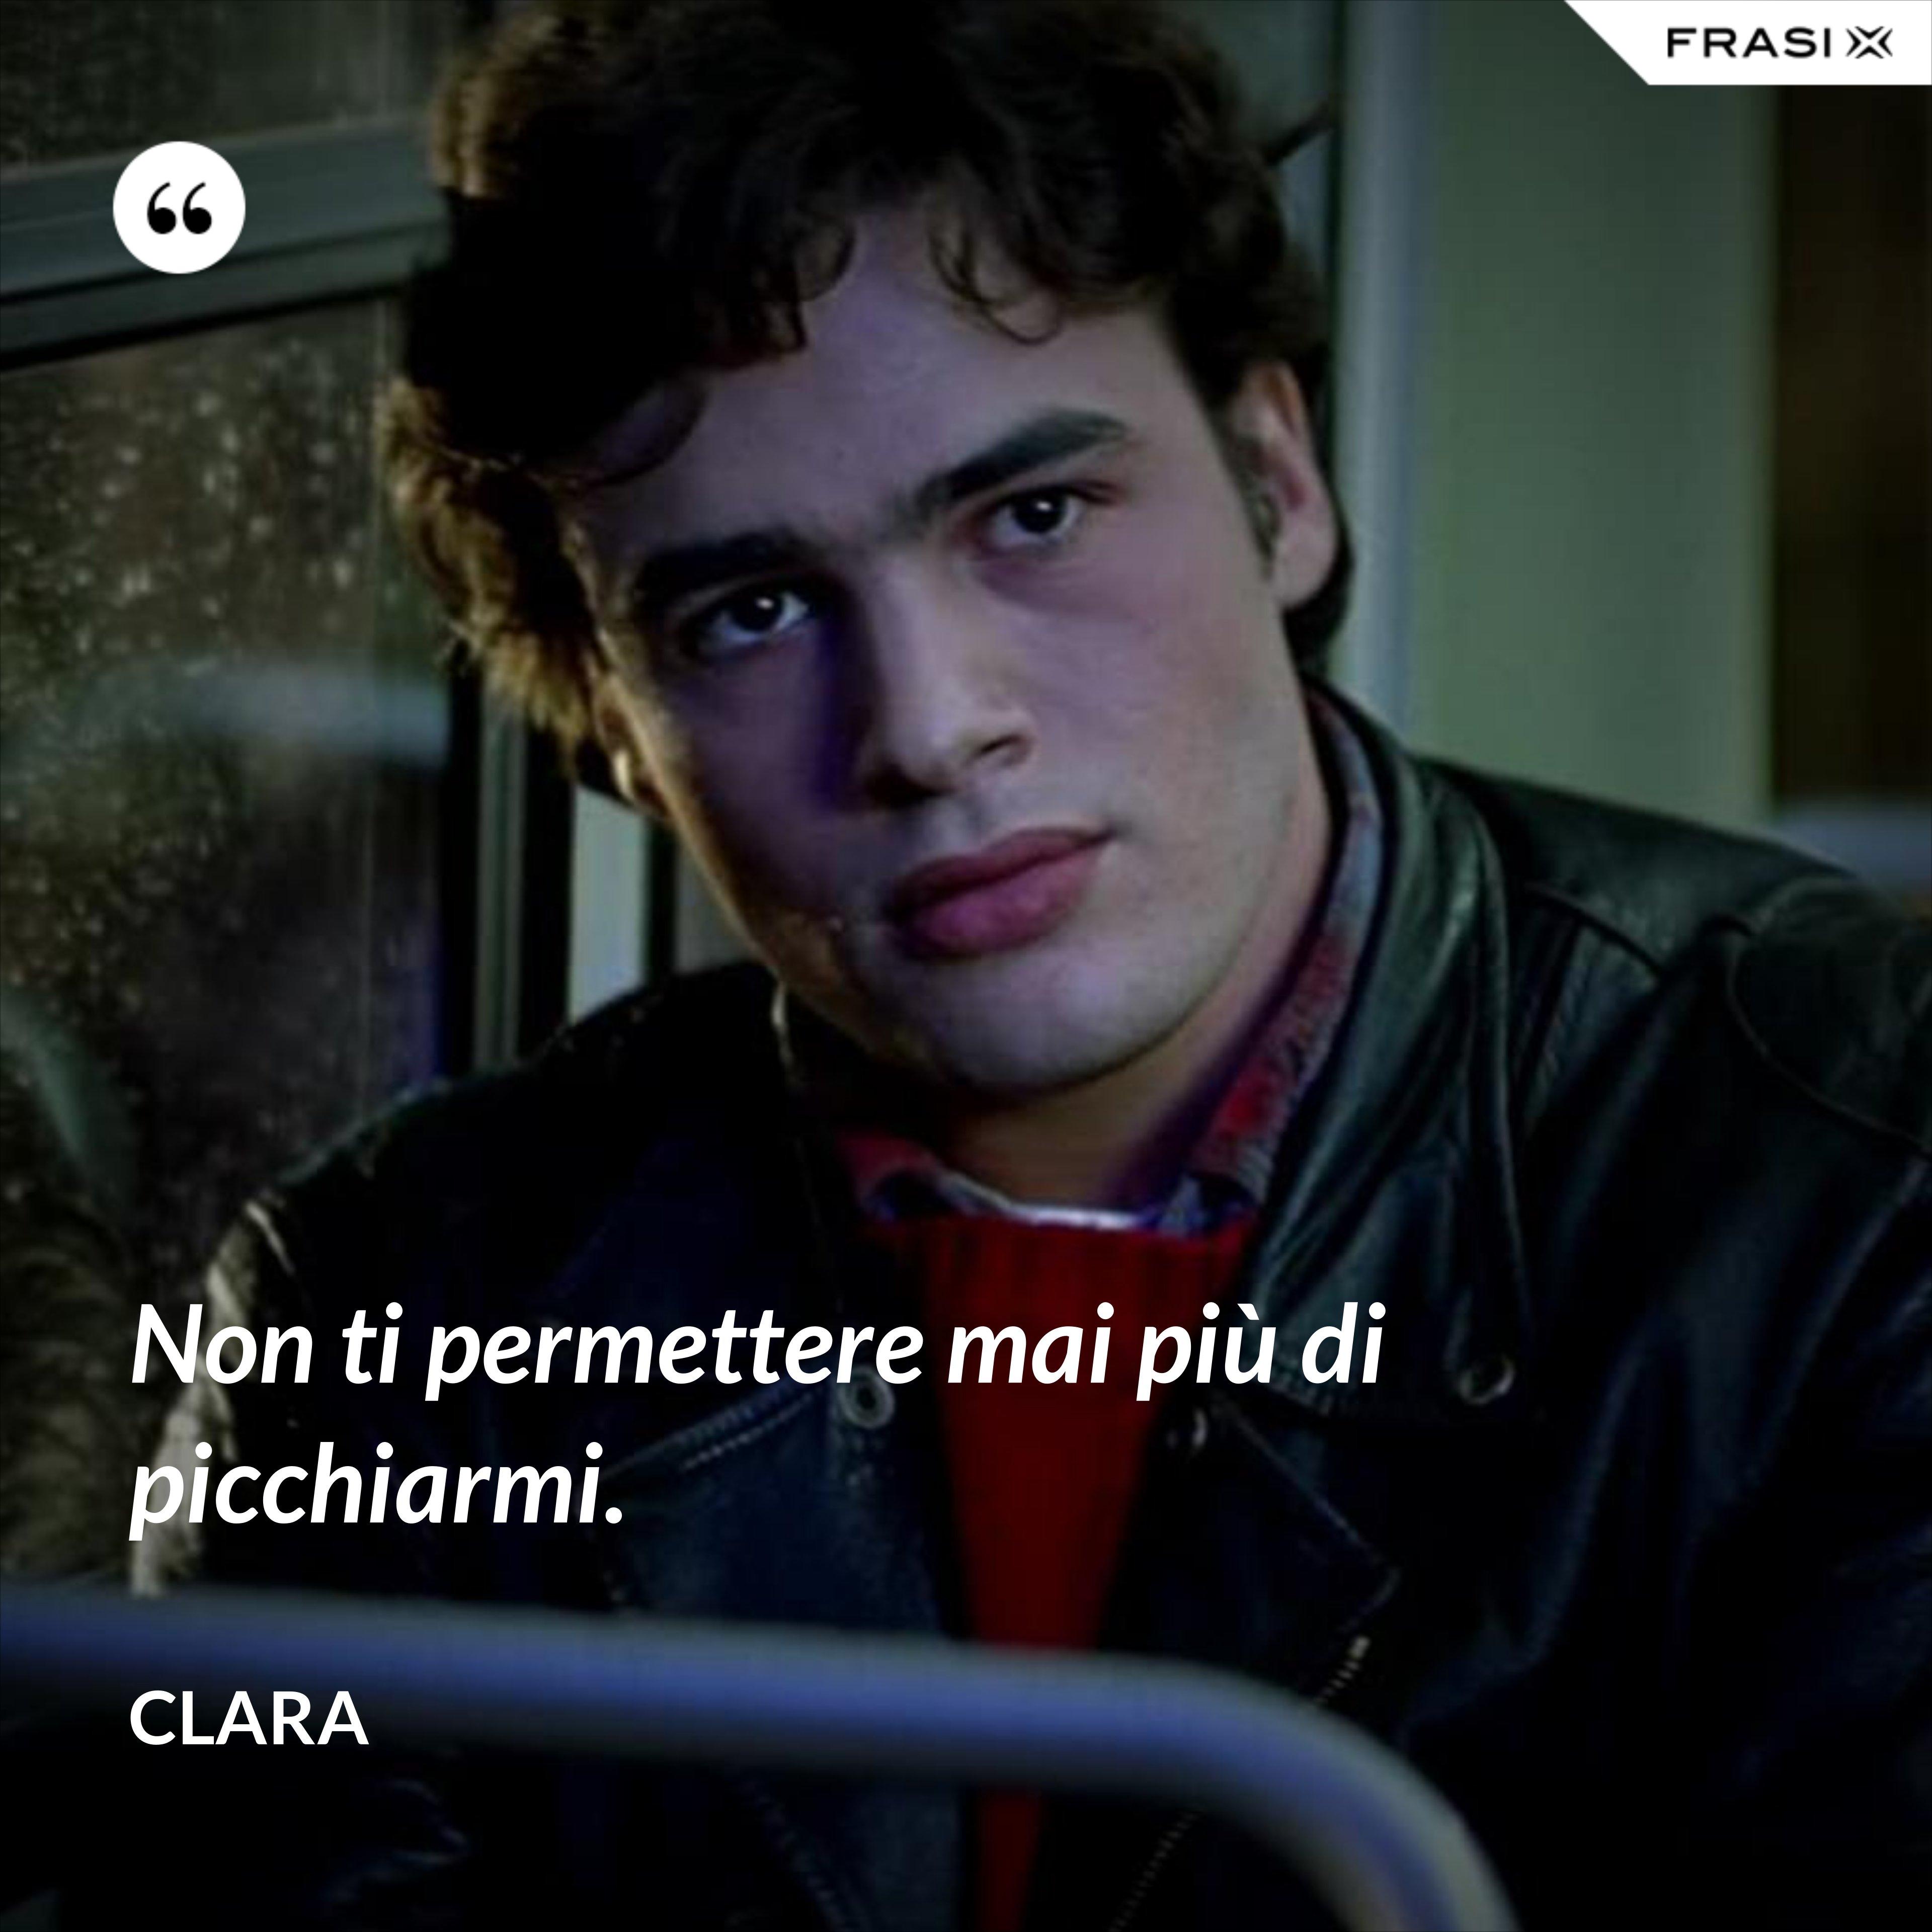 Non ti permettere mai più di picchiarmi. - Clara